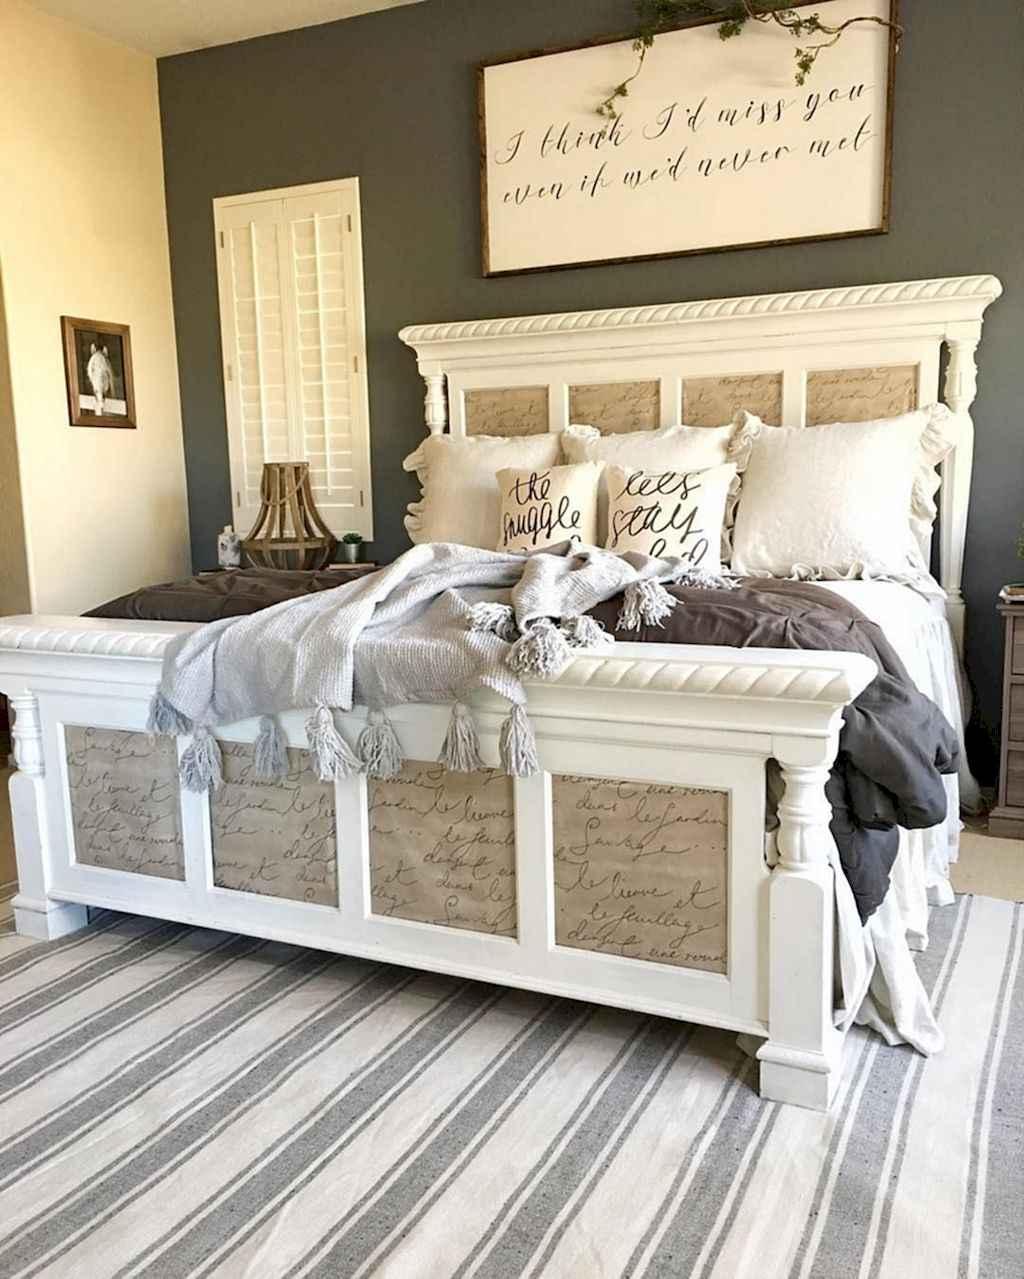 100 Small Master Bedroom Ideas: 100 Stunning Farmhouse Master Bedroom Decor Ideas (29